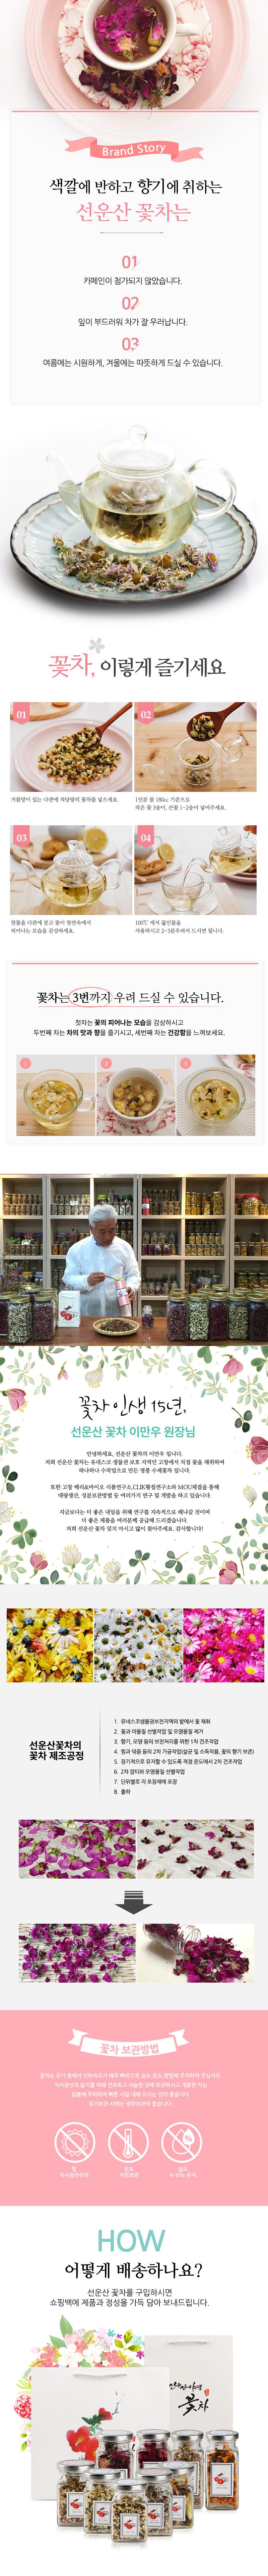 프리미엄다관세트(해당화뚱딴지국화) - 선운산야생꽃차, 108,000원, 차, 차 선물세트